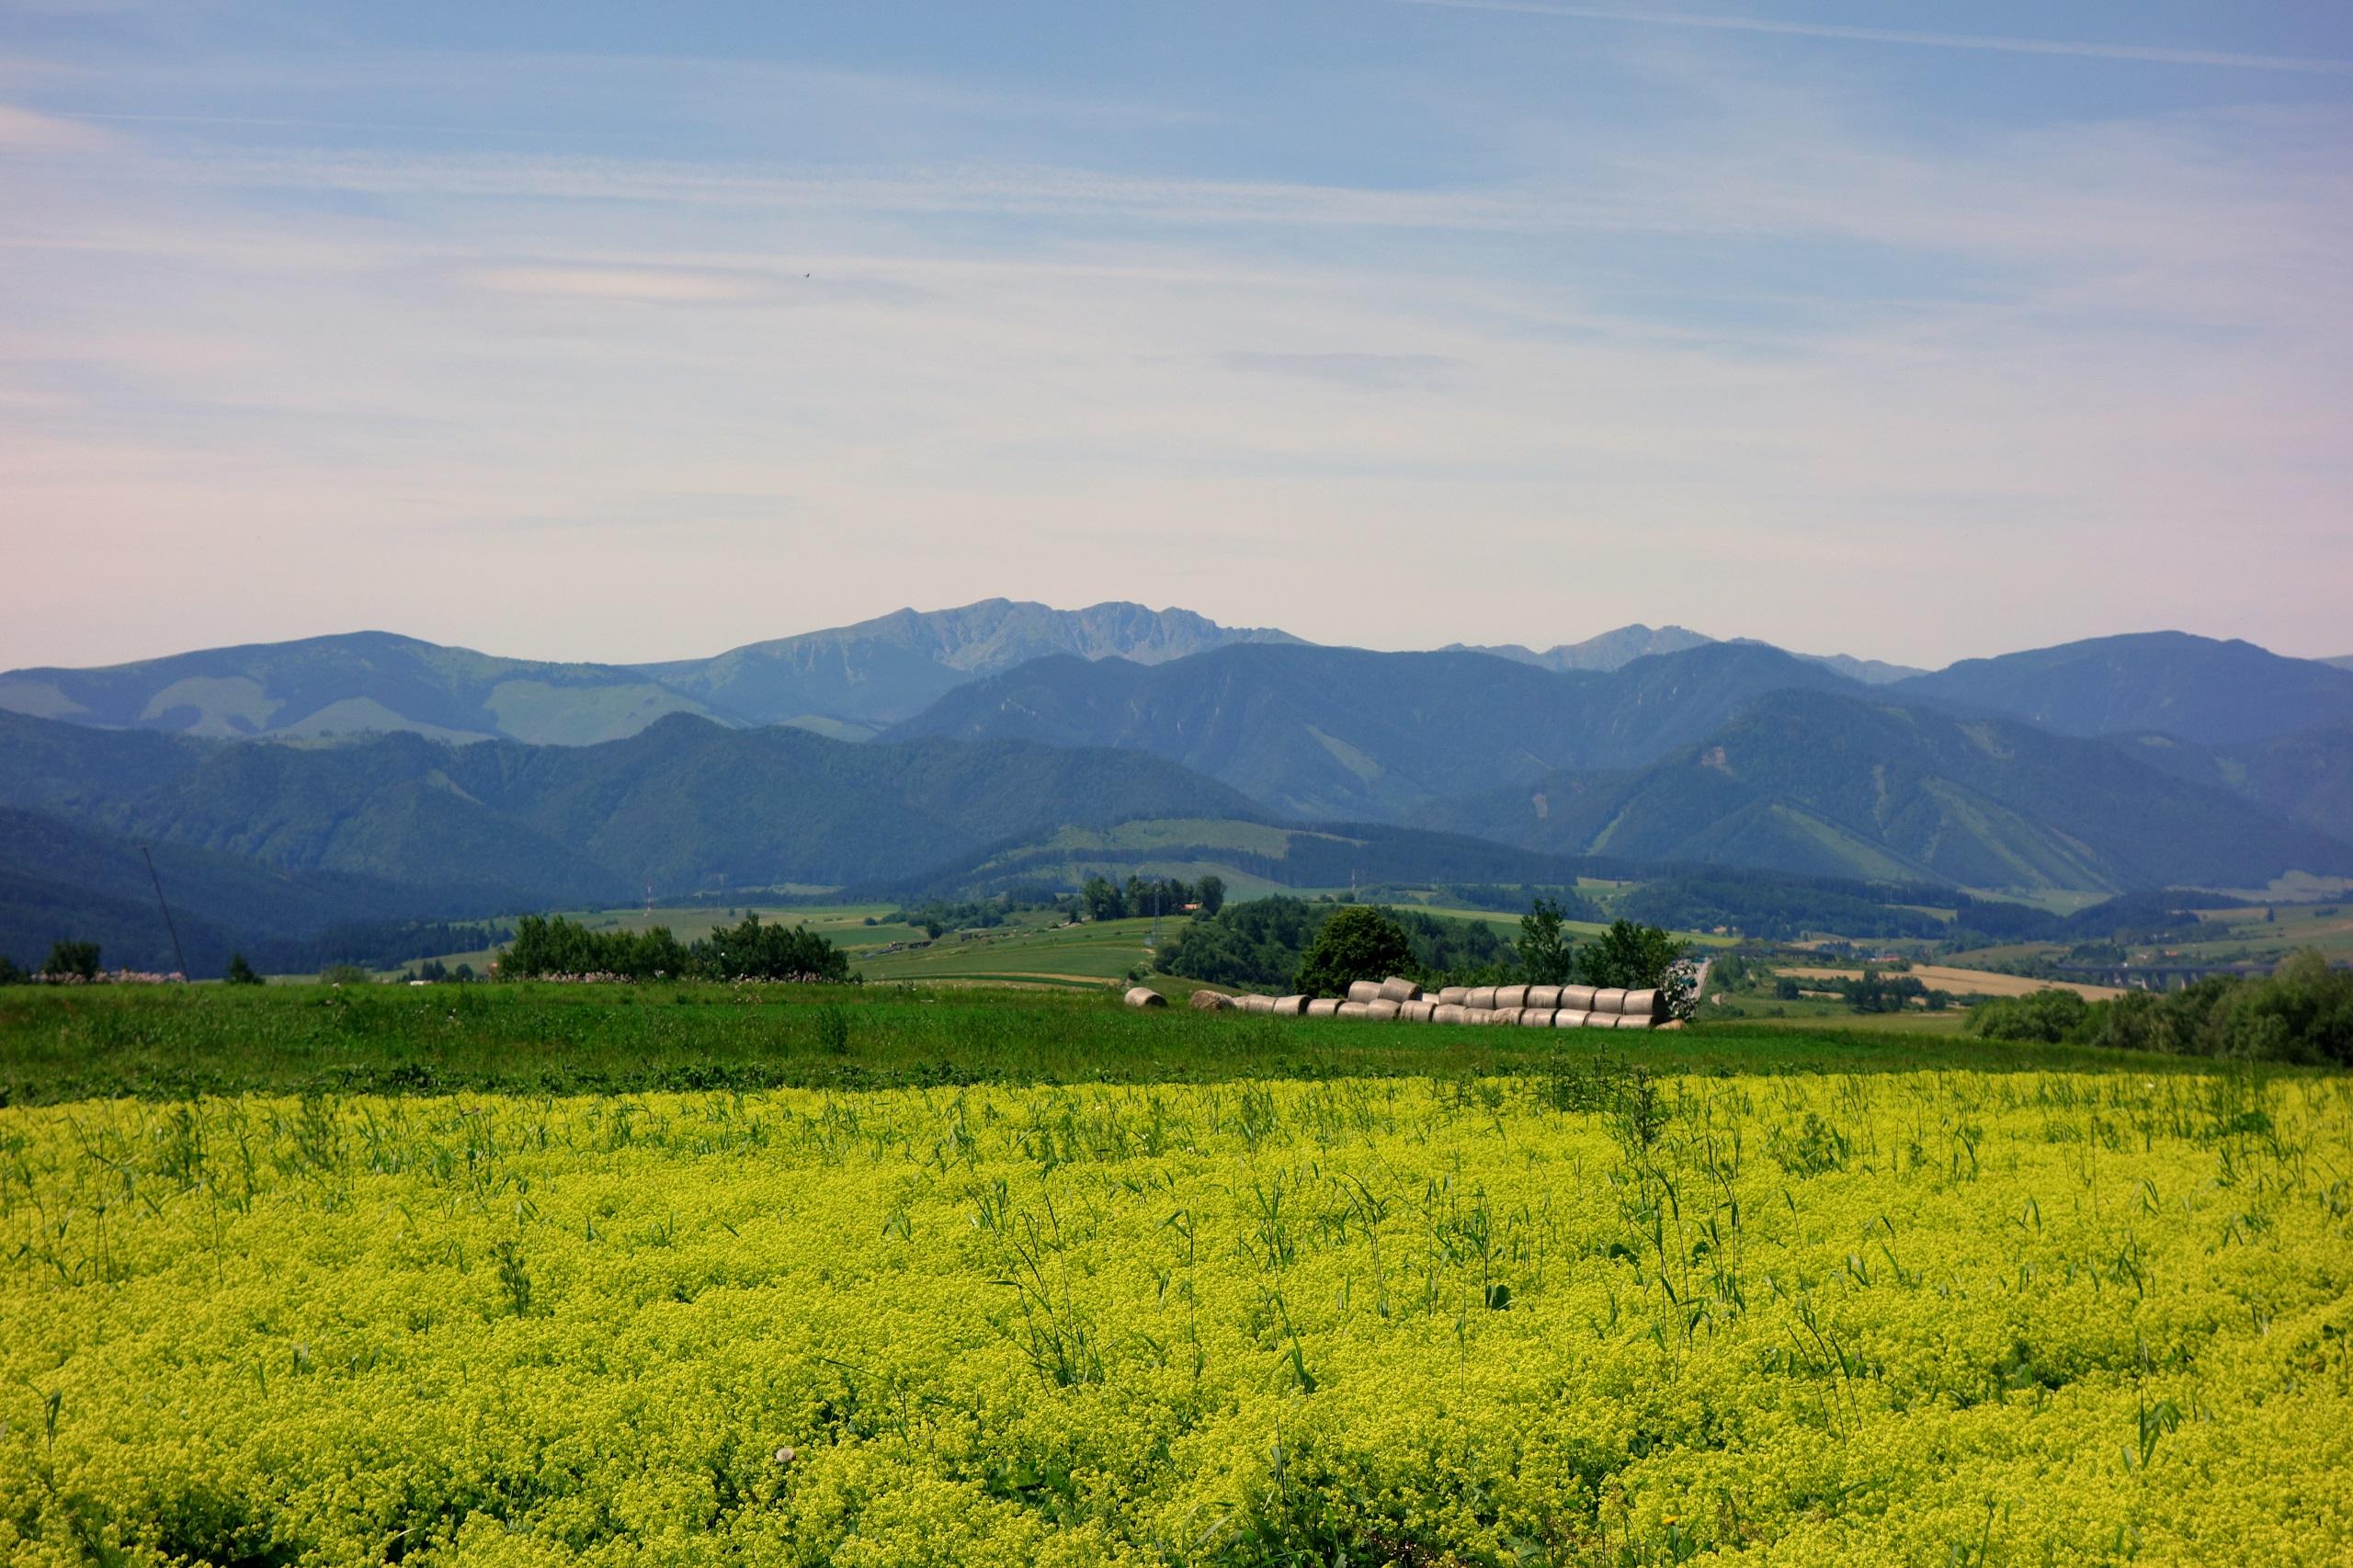 Farma Vychodna - położona najwyżej w regionie Liptov - Słowacja